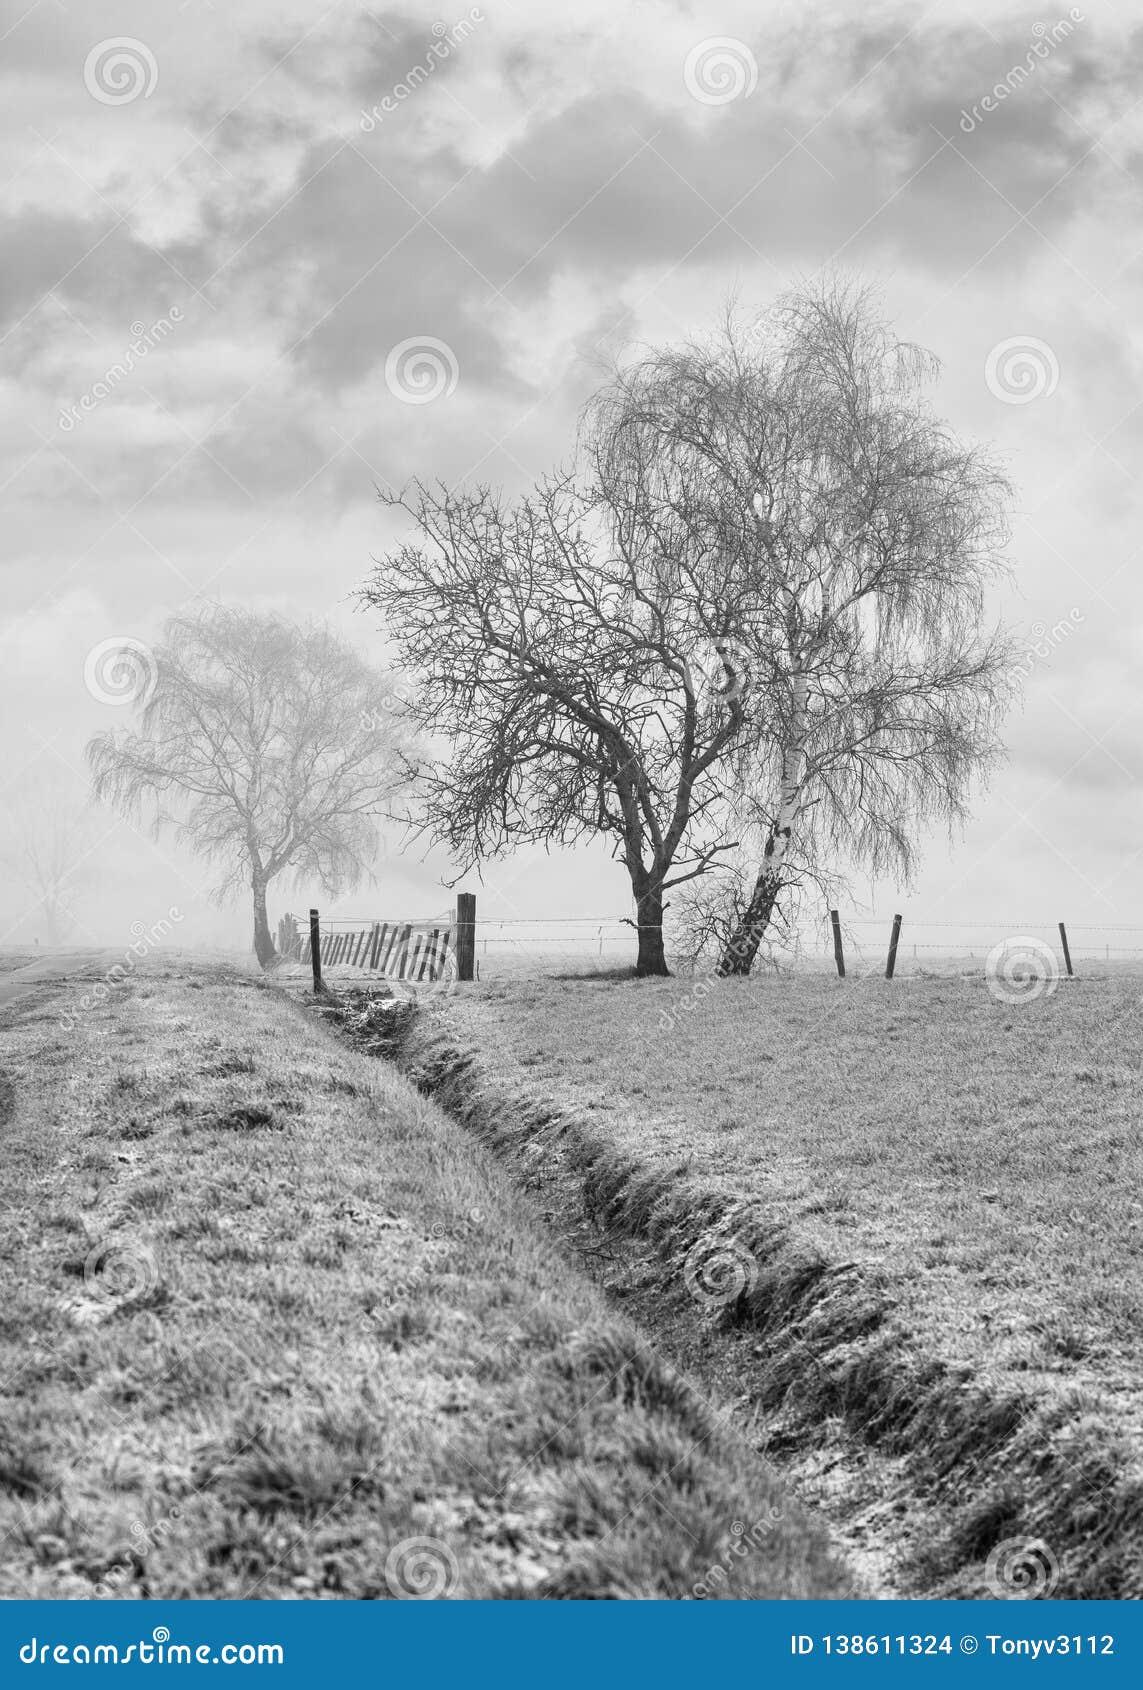 Nevelig landbouwlandschap met mooie gevormde bomen en sloot op een bevroren gebied, Rafels, België